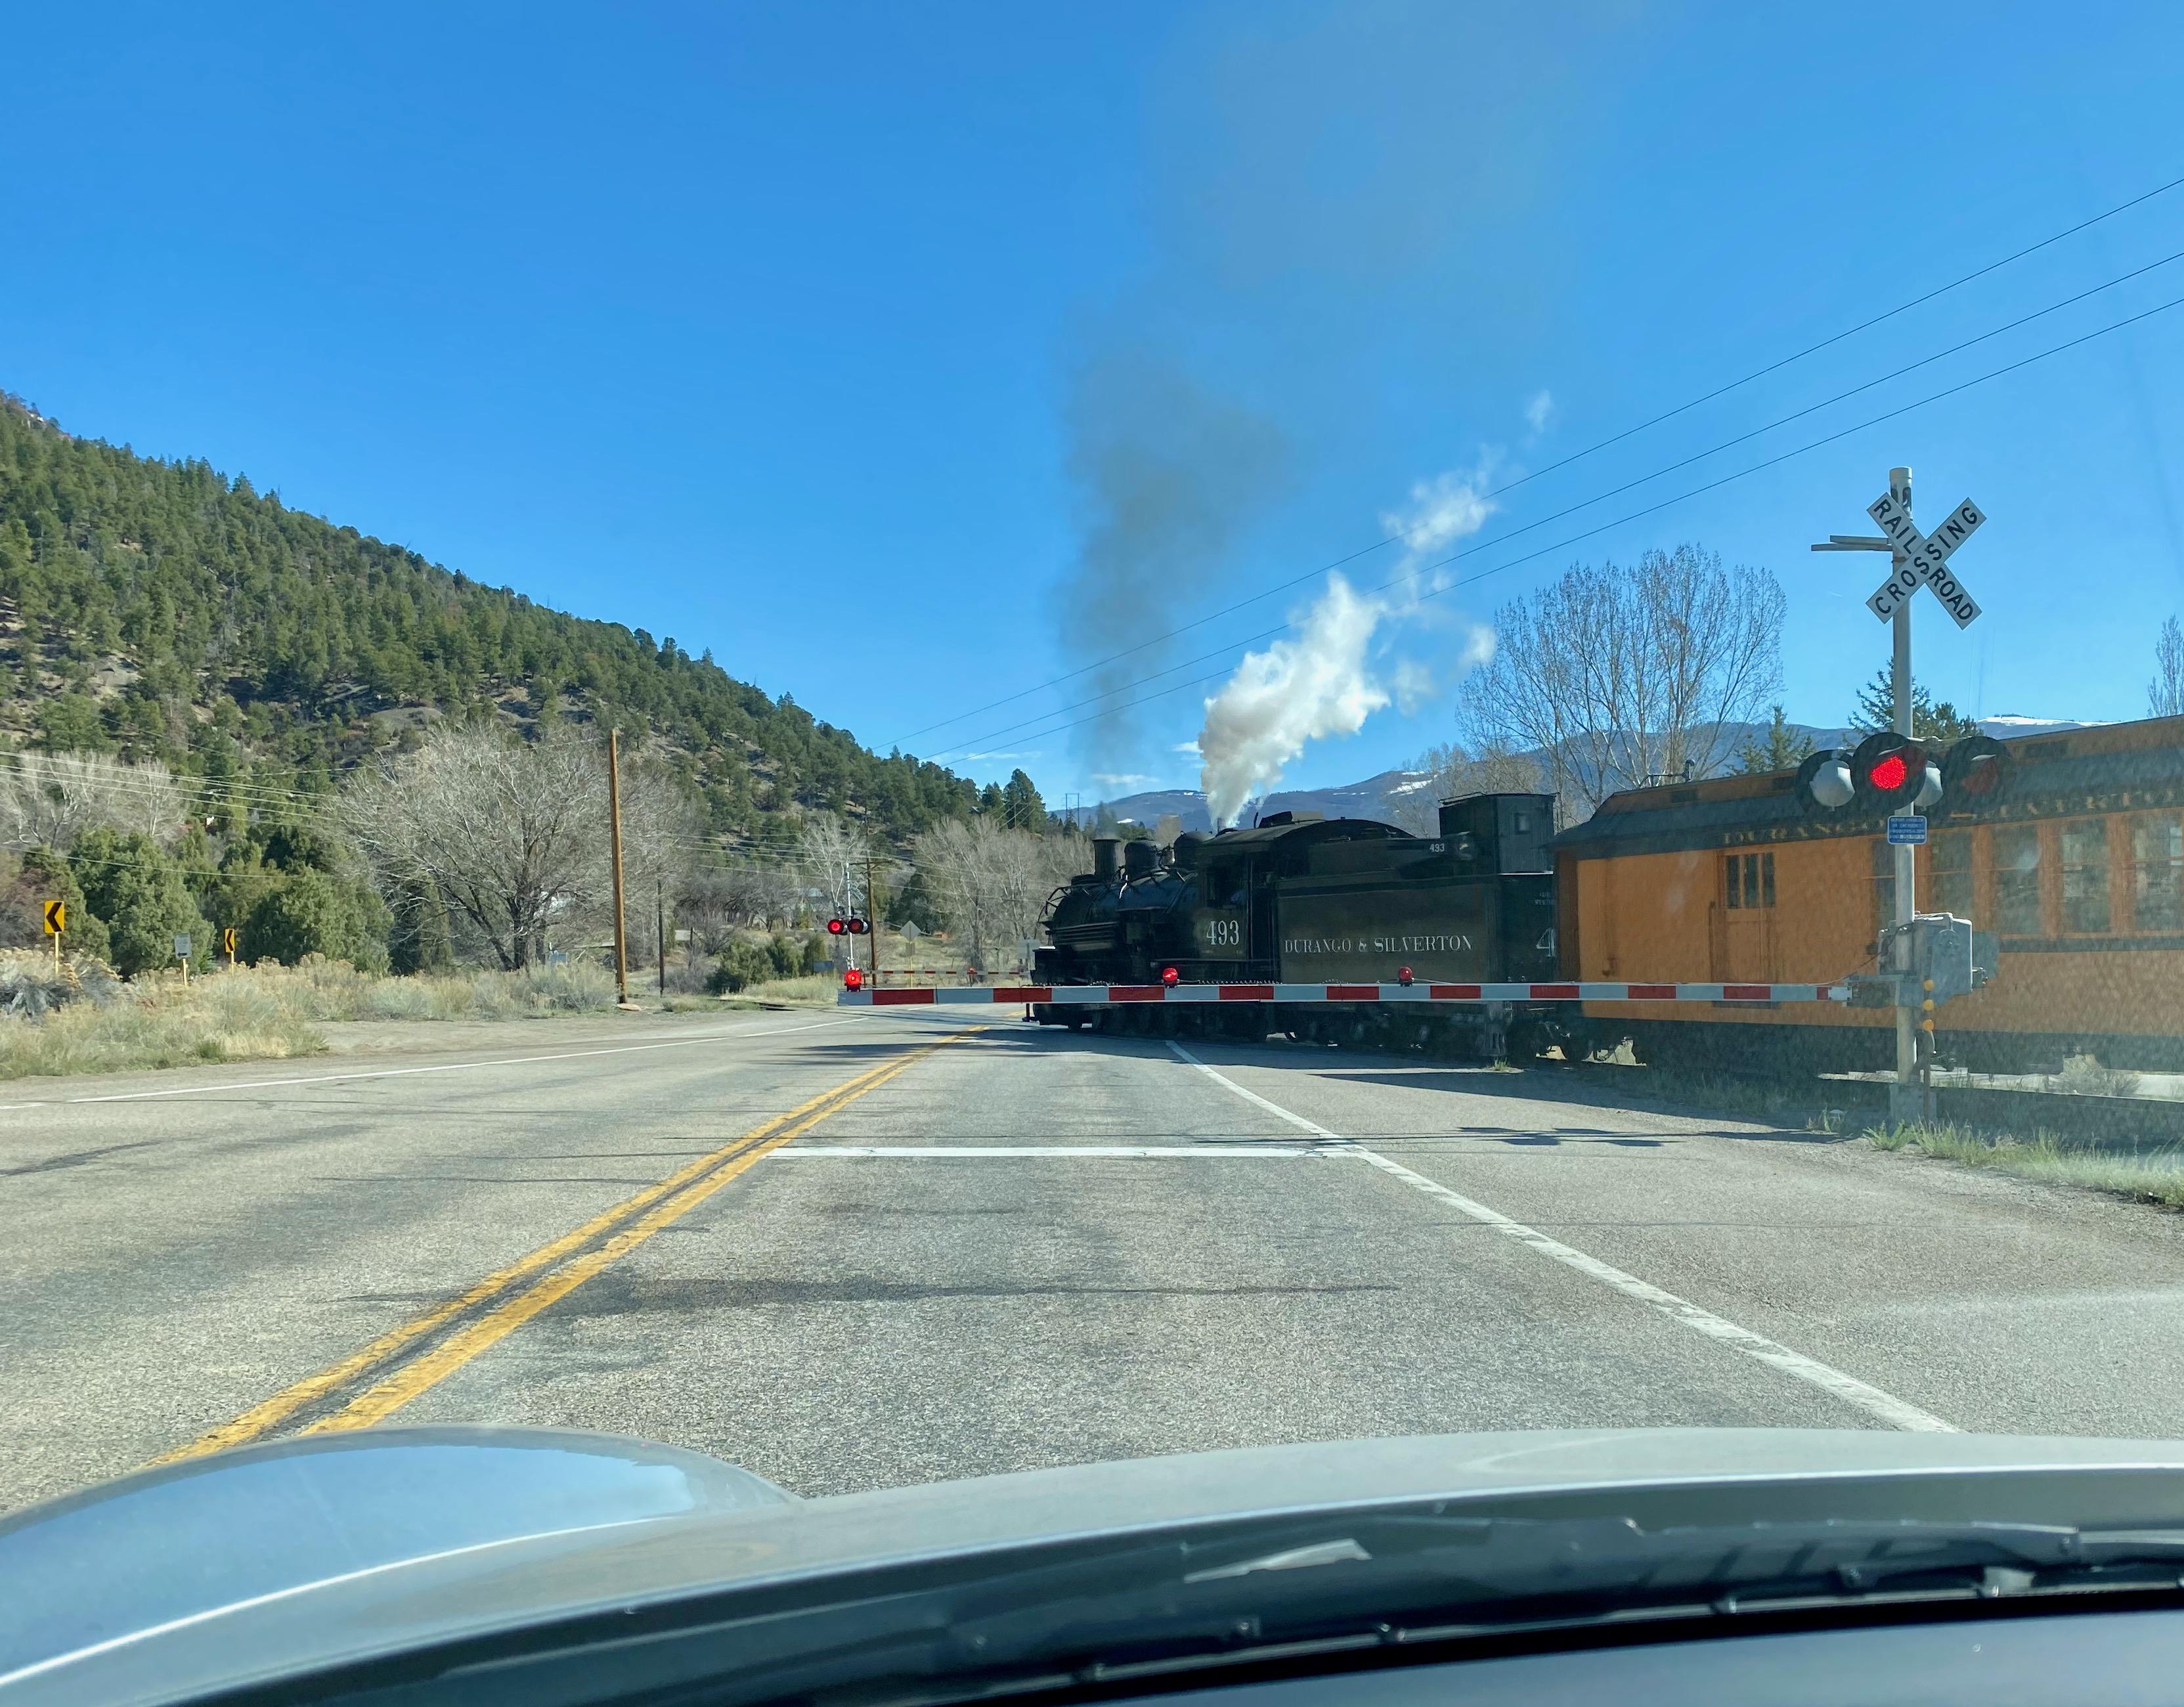 the Durango to Silverton train